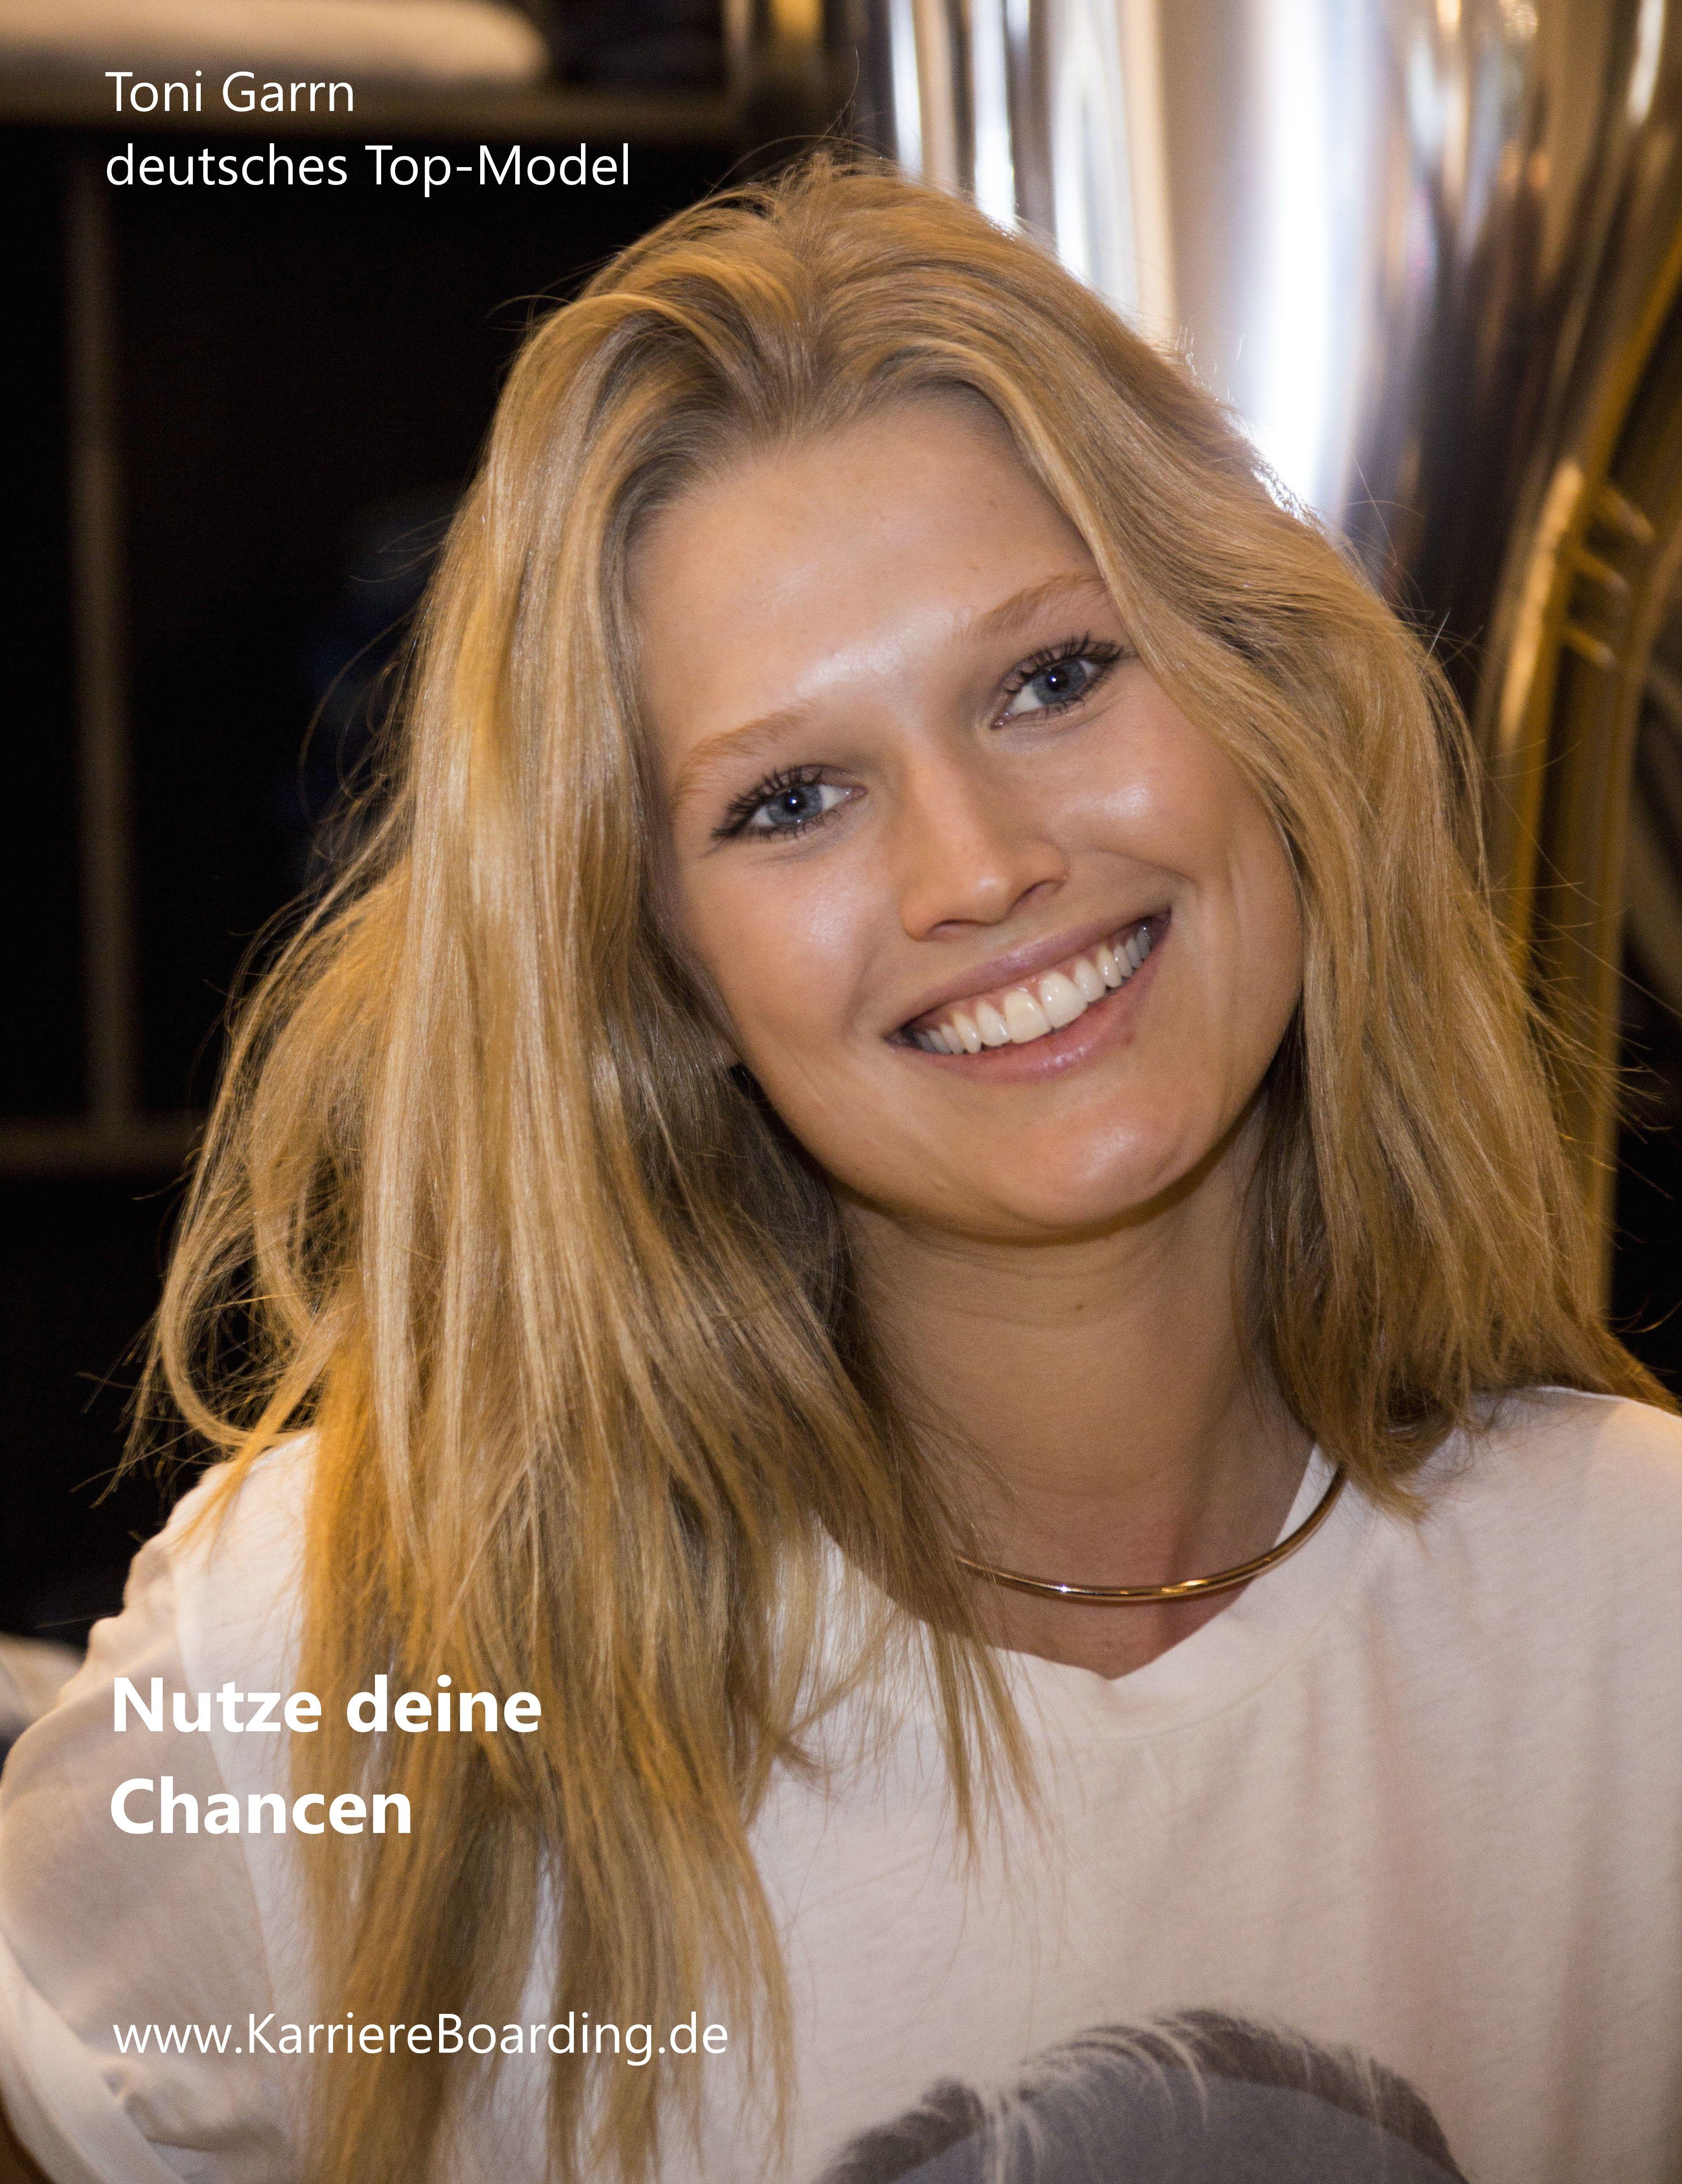 Nutze Deine Chancen Toni Garrn Model Smile Face